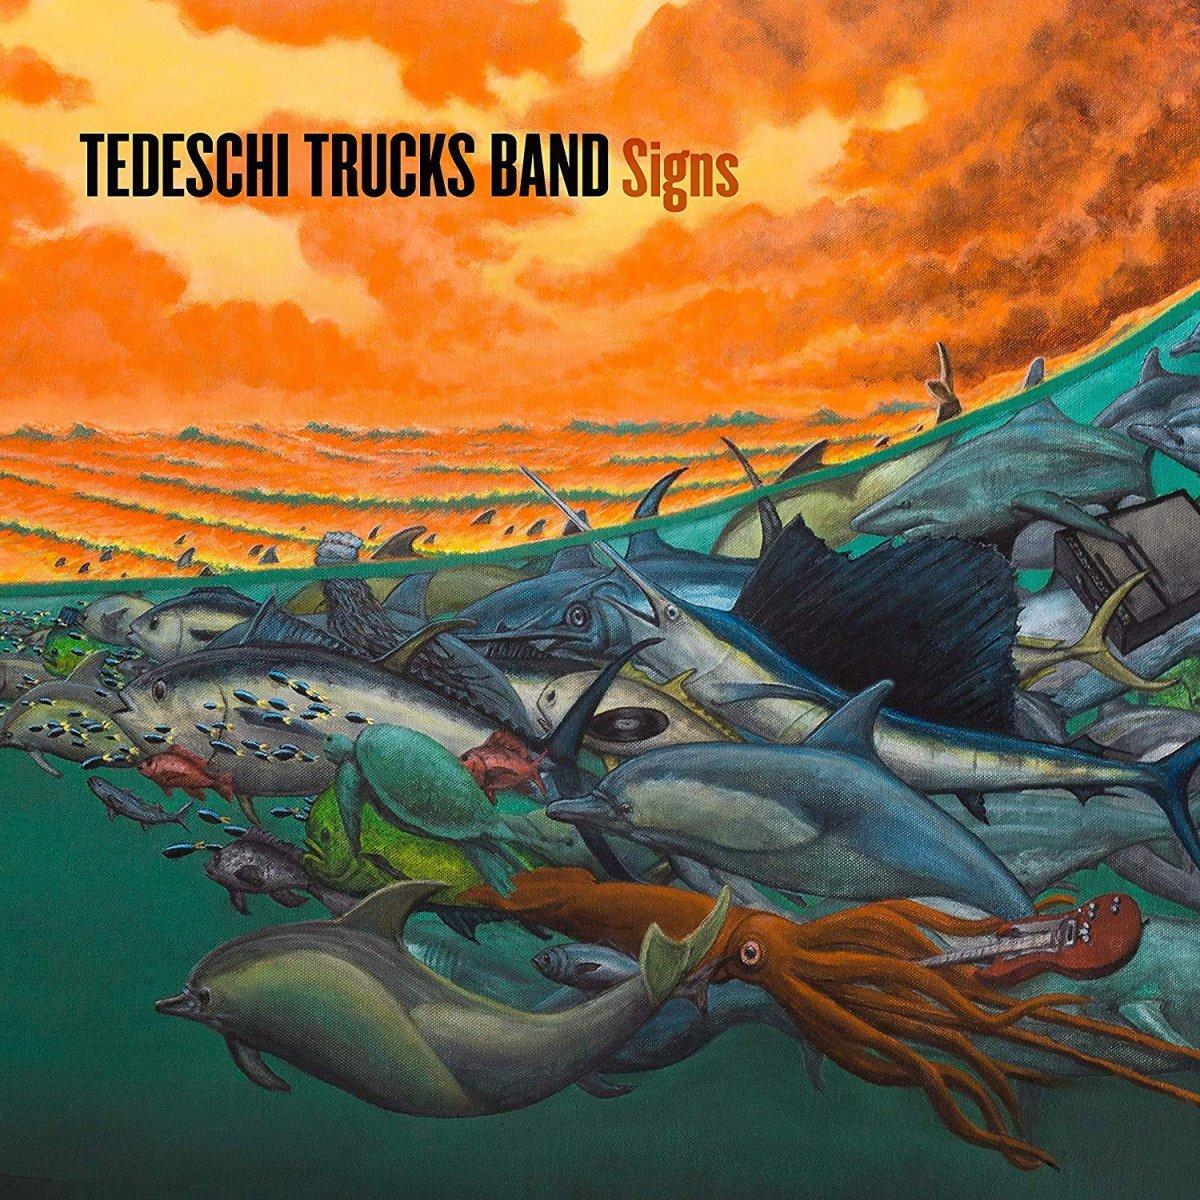 Tedeschi Trucks Band Signs